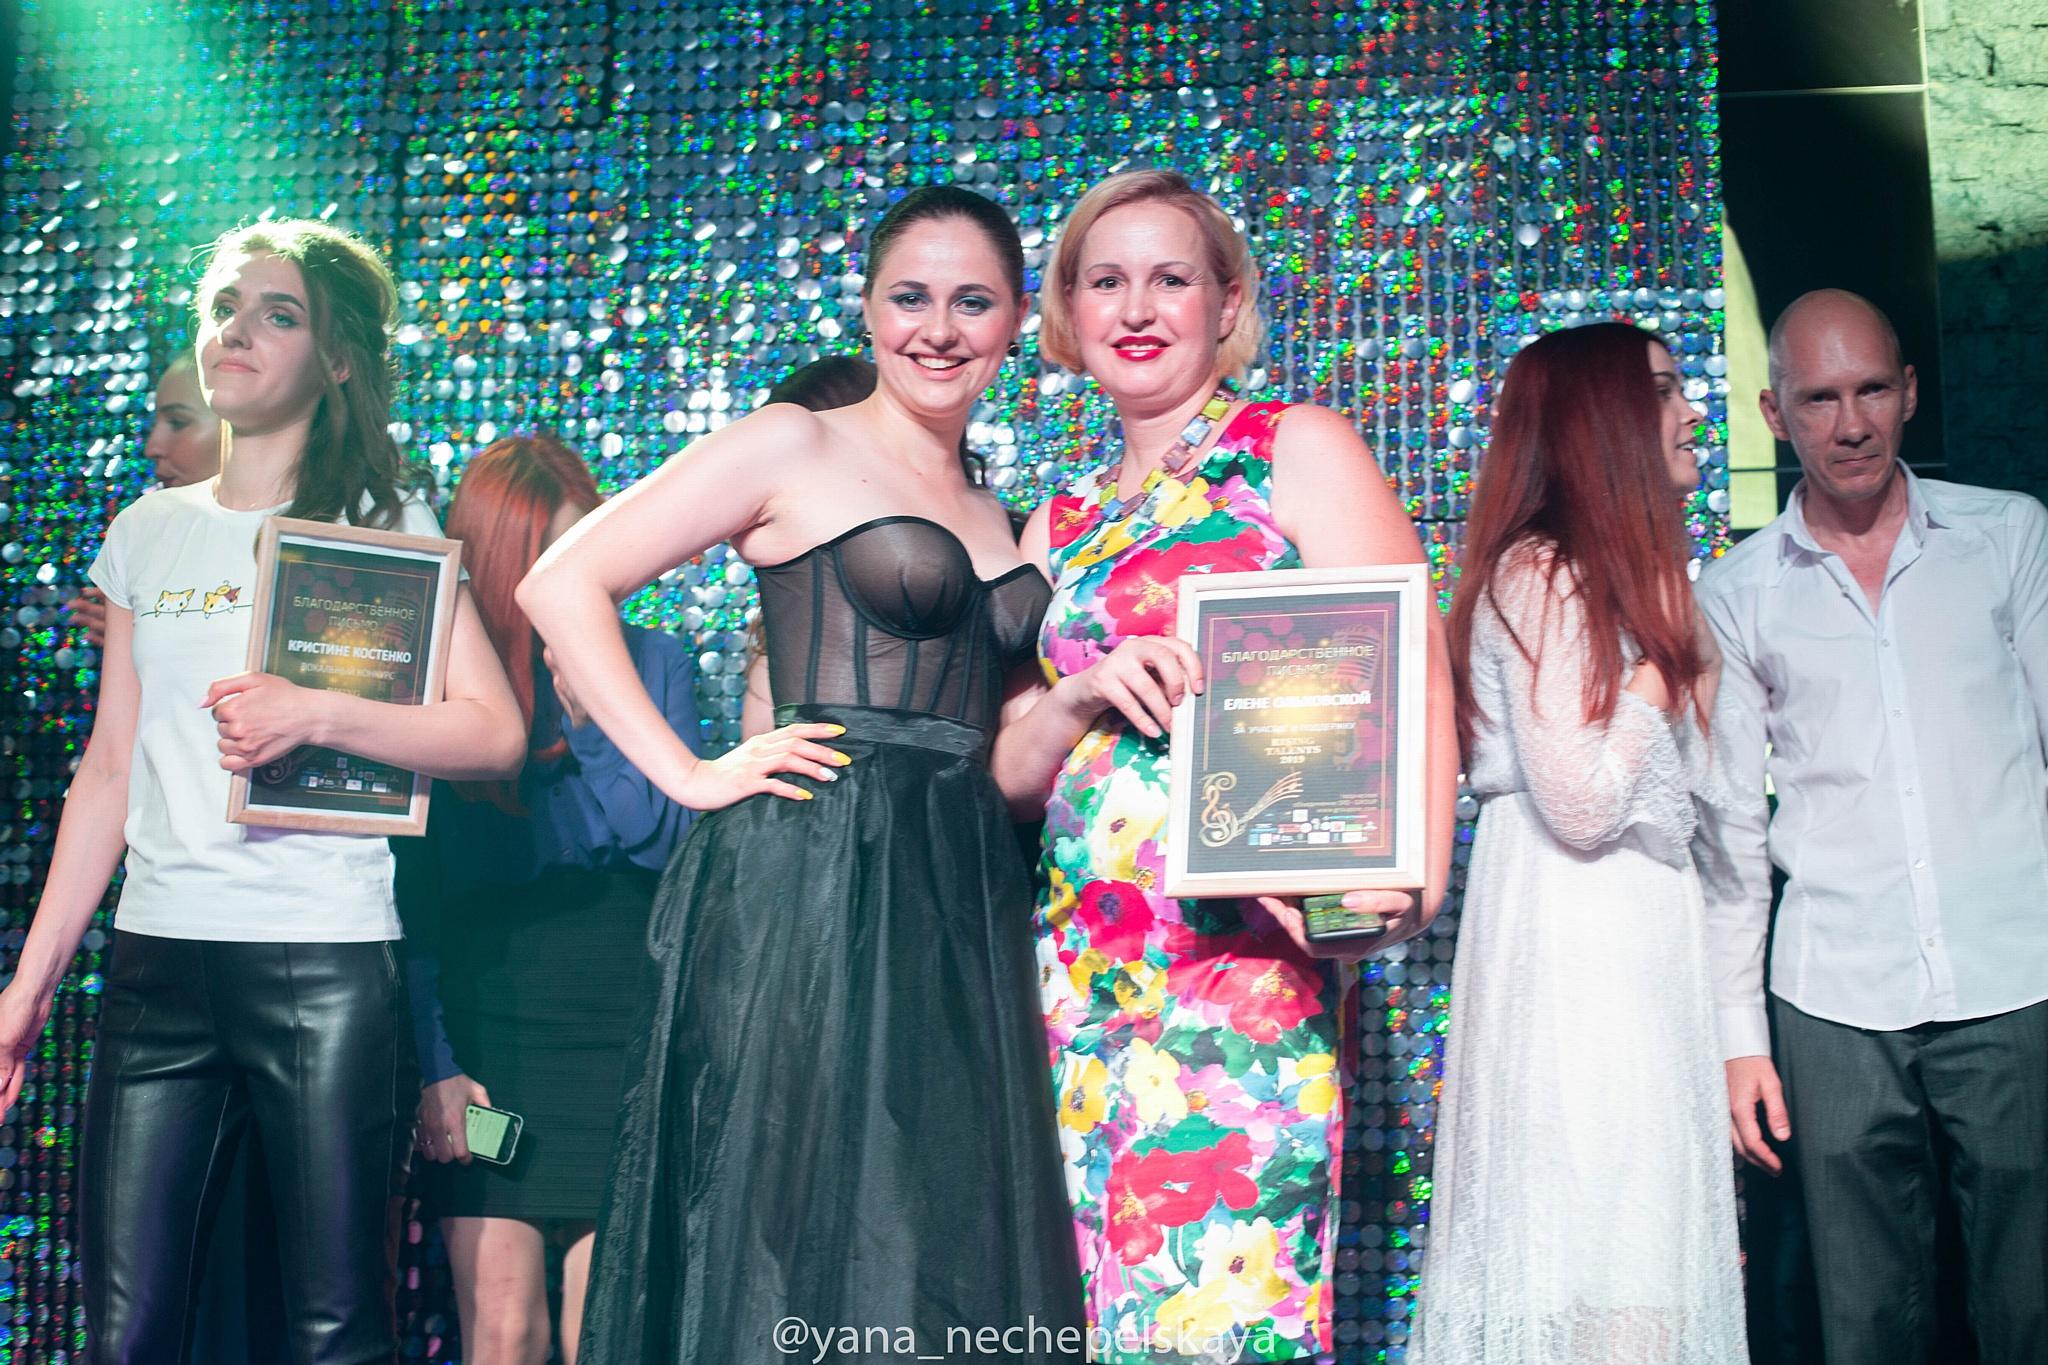 Восходящие таланты в Москве - герои конкурса Rising Talents 2019